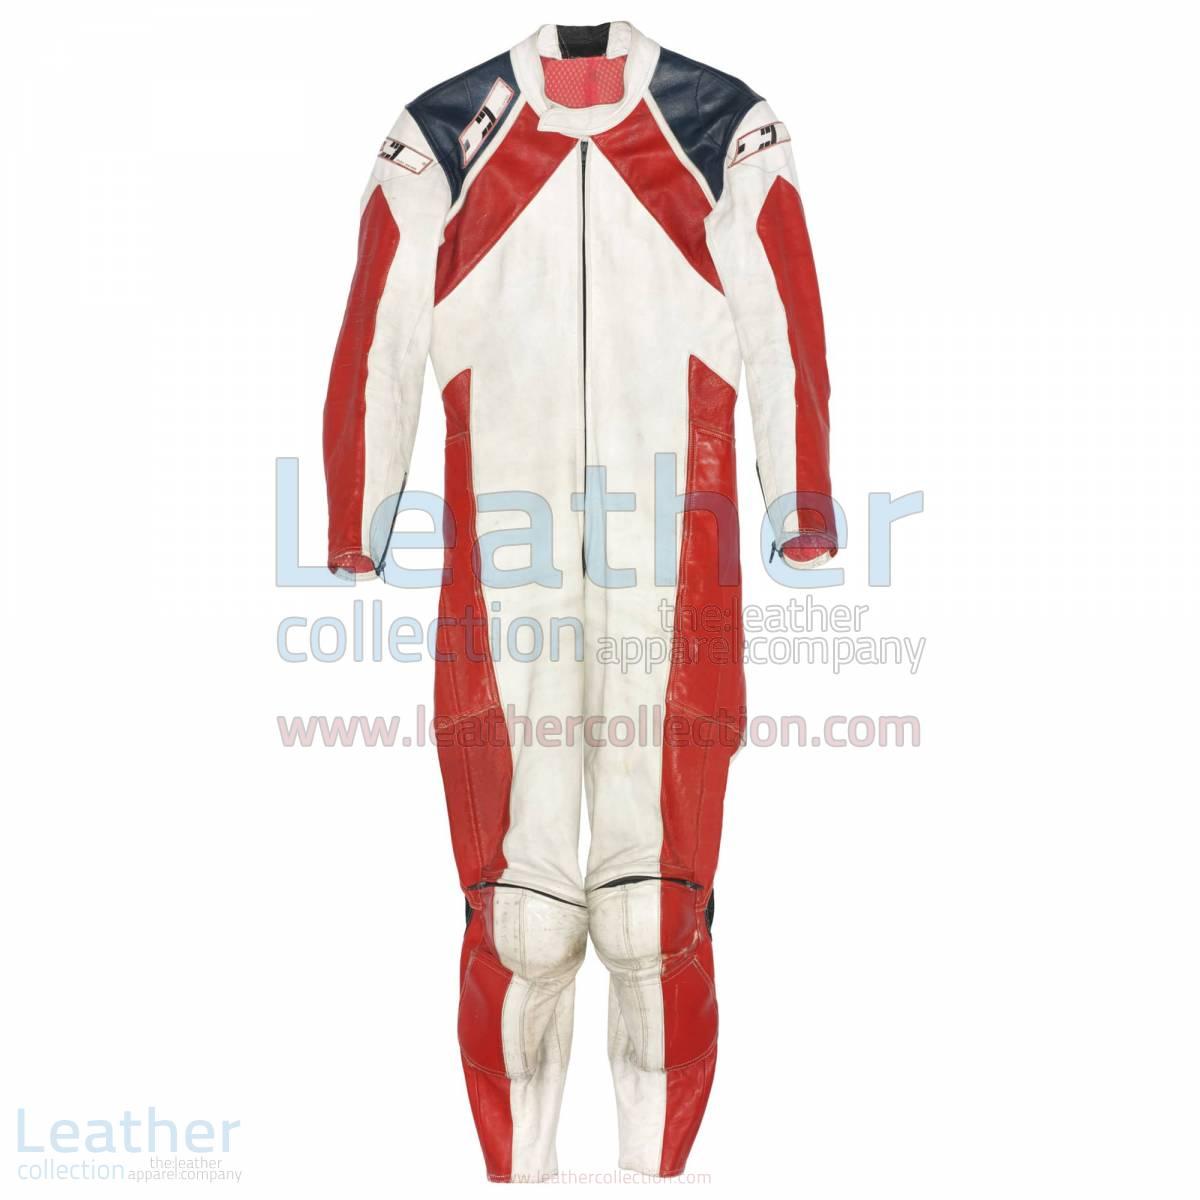 Mario Lega Ducati 1979 Racing Suit